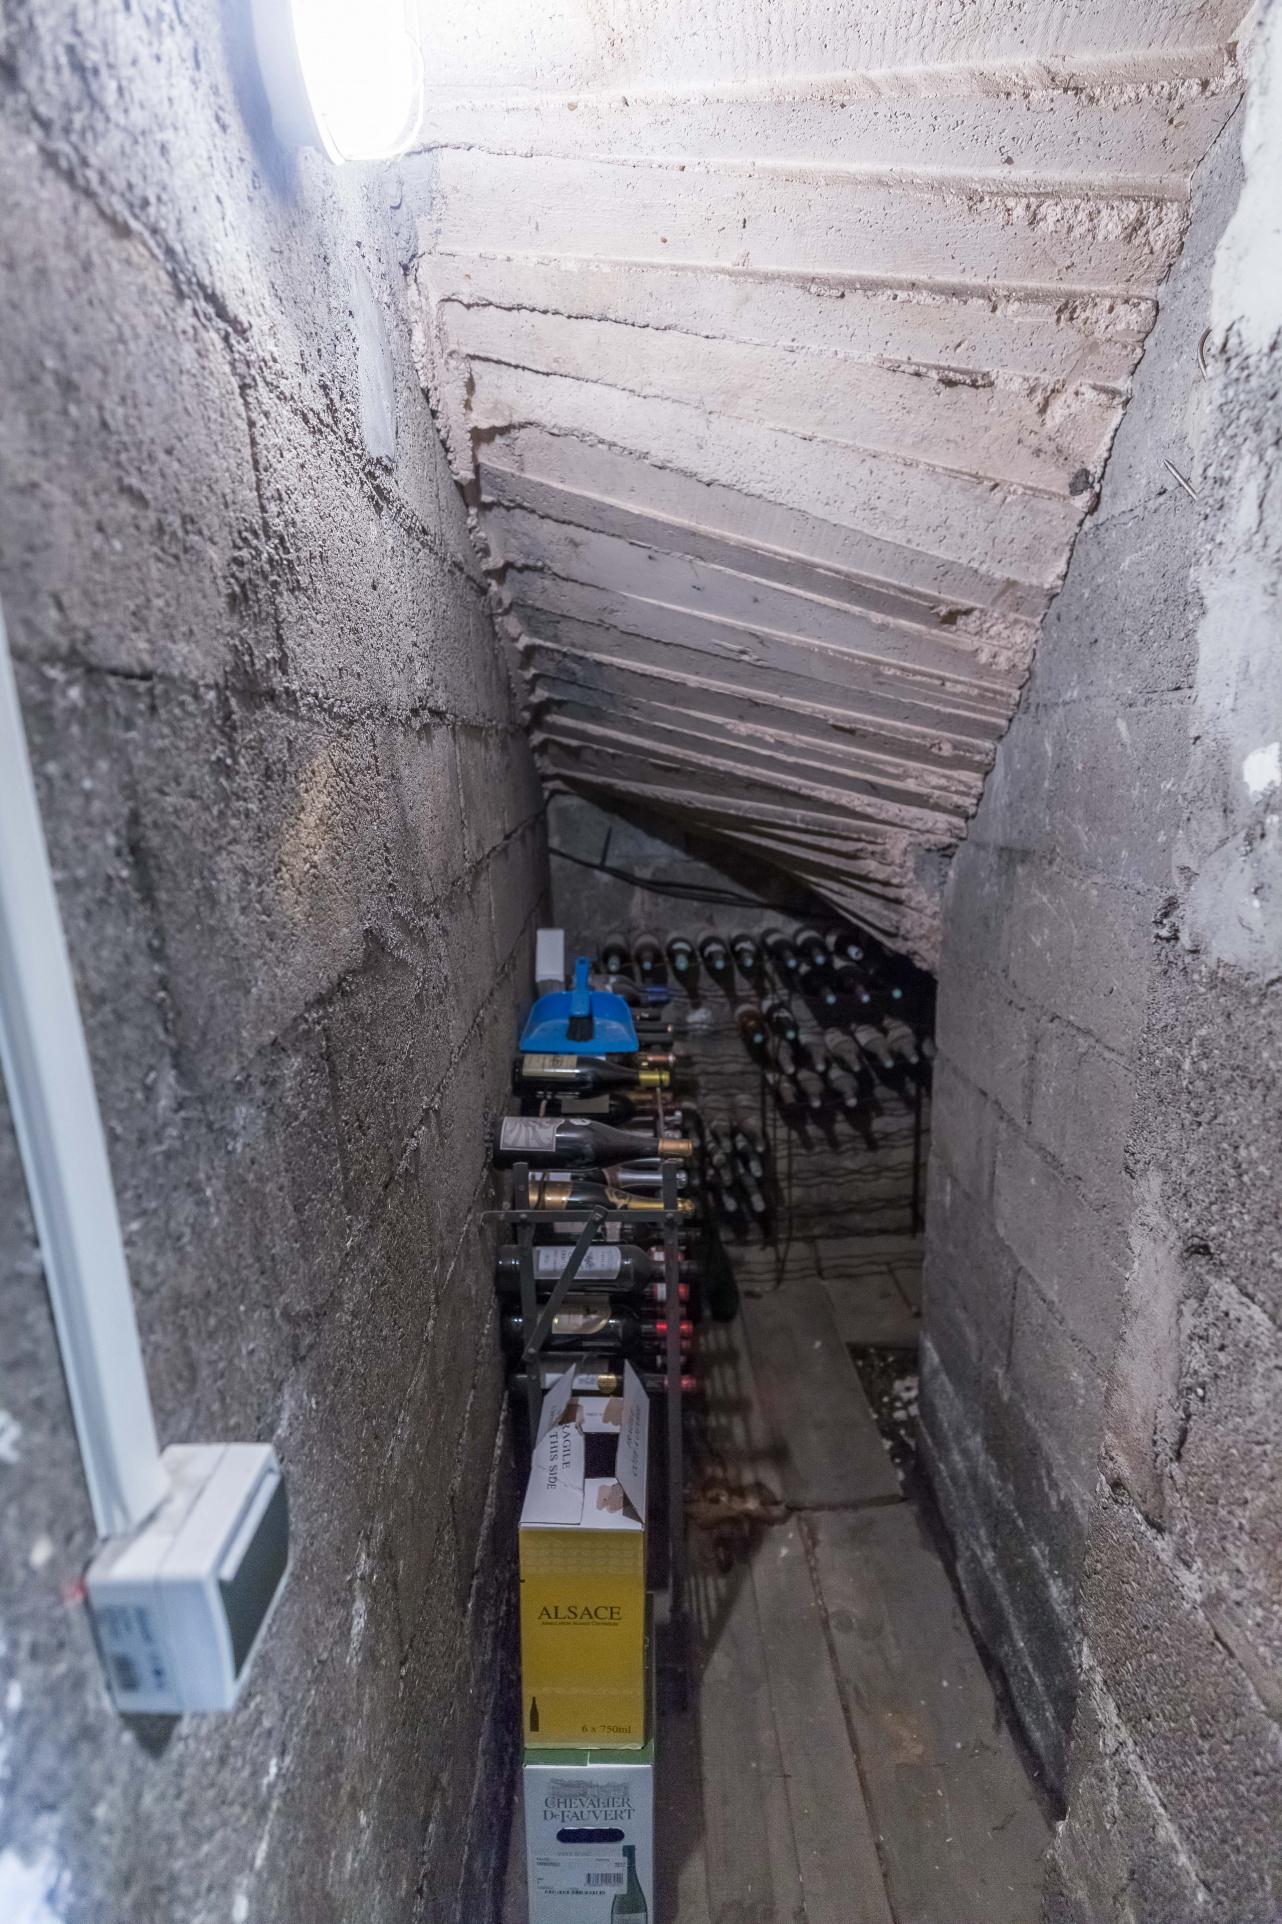 Maison clouange sous escalier